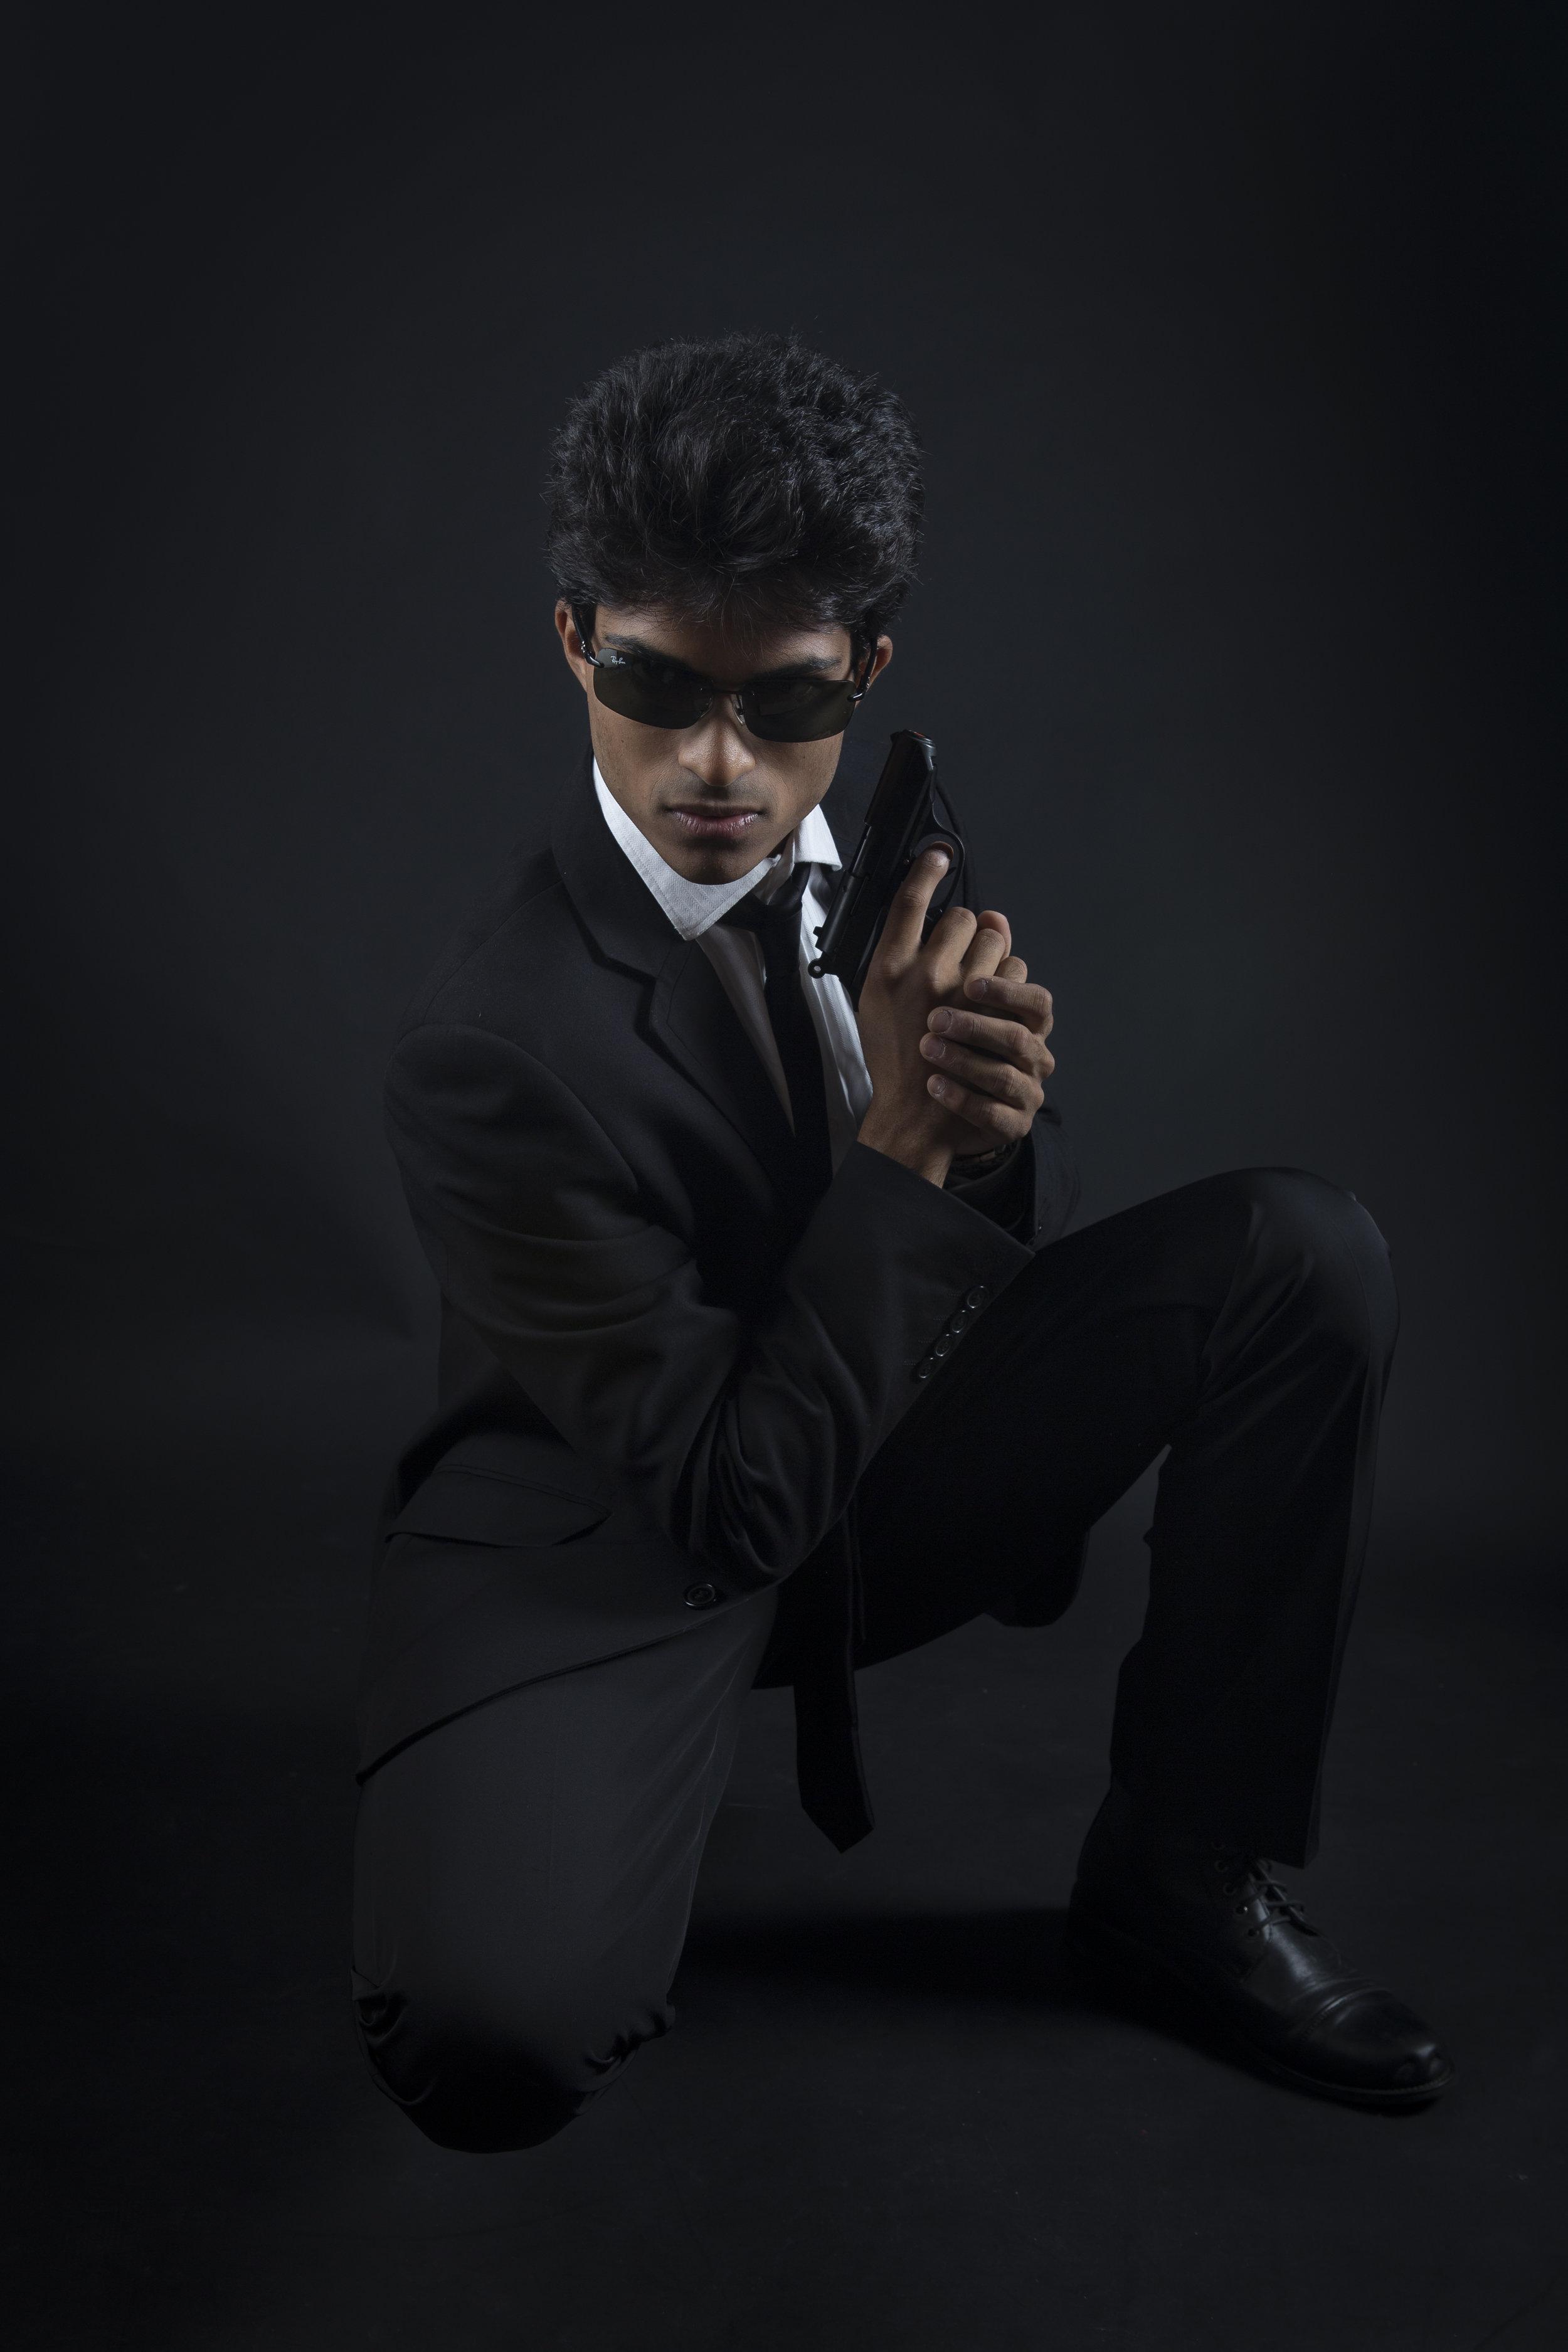 007 milano cesare ferrari cosplay cosplayer fotografo